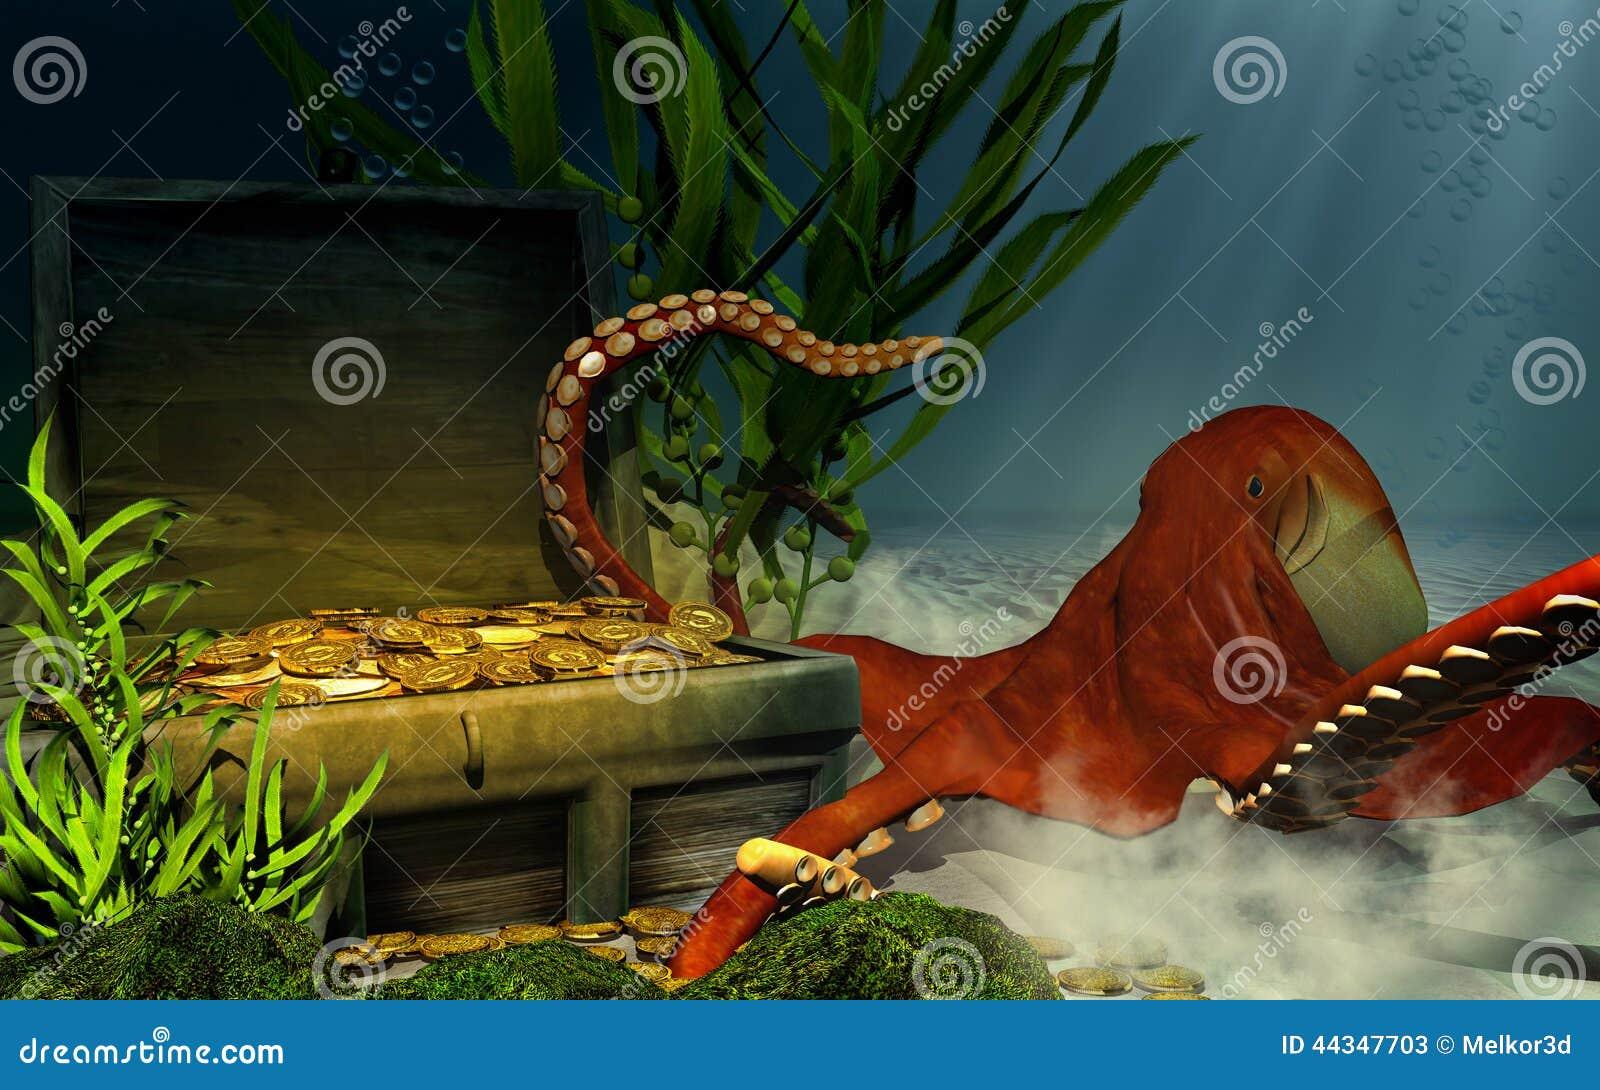 sunken chest treasure and octopus stock illustration illustration